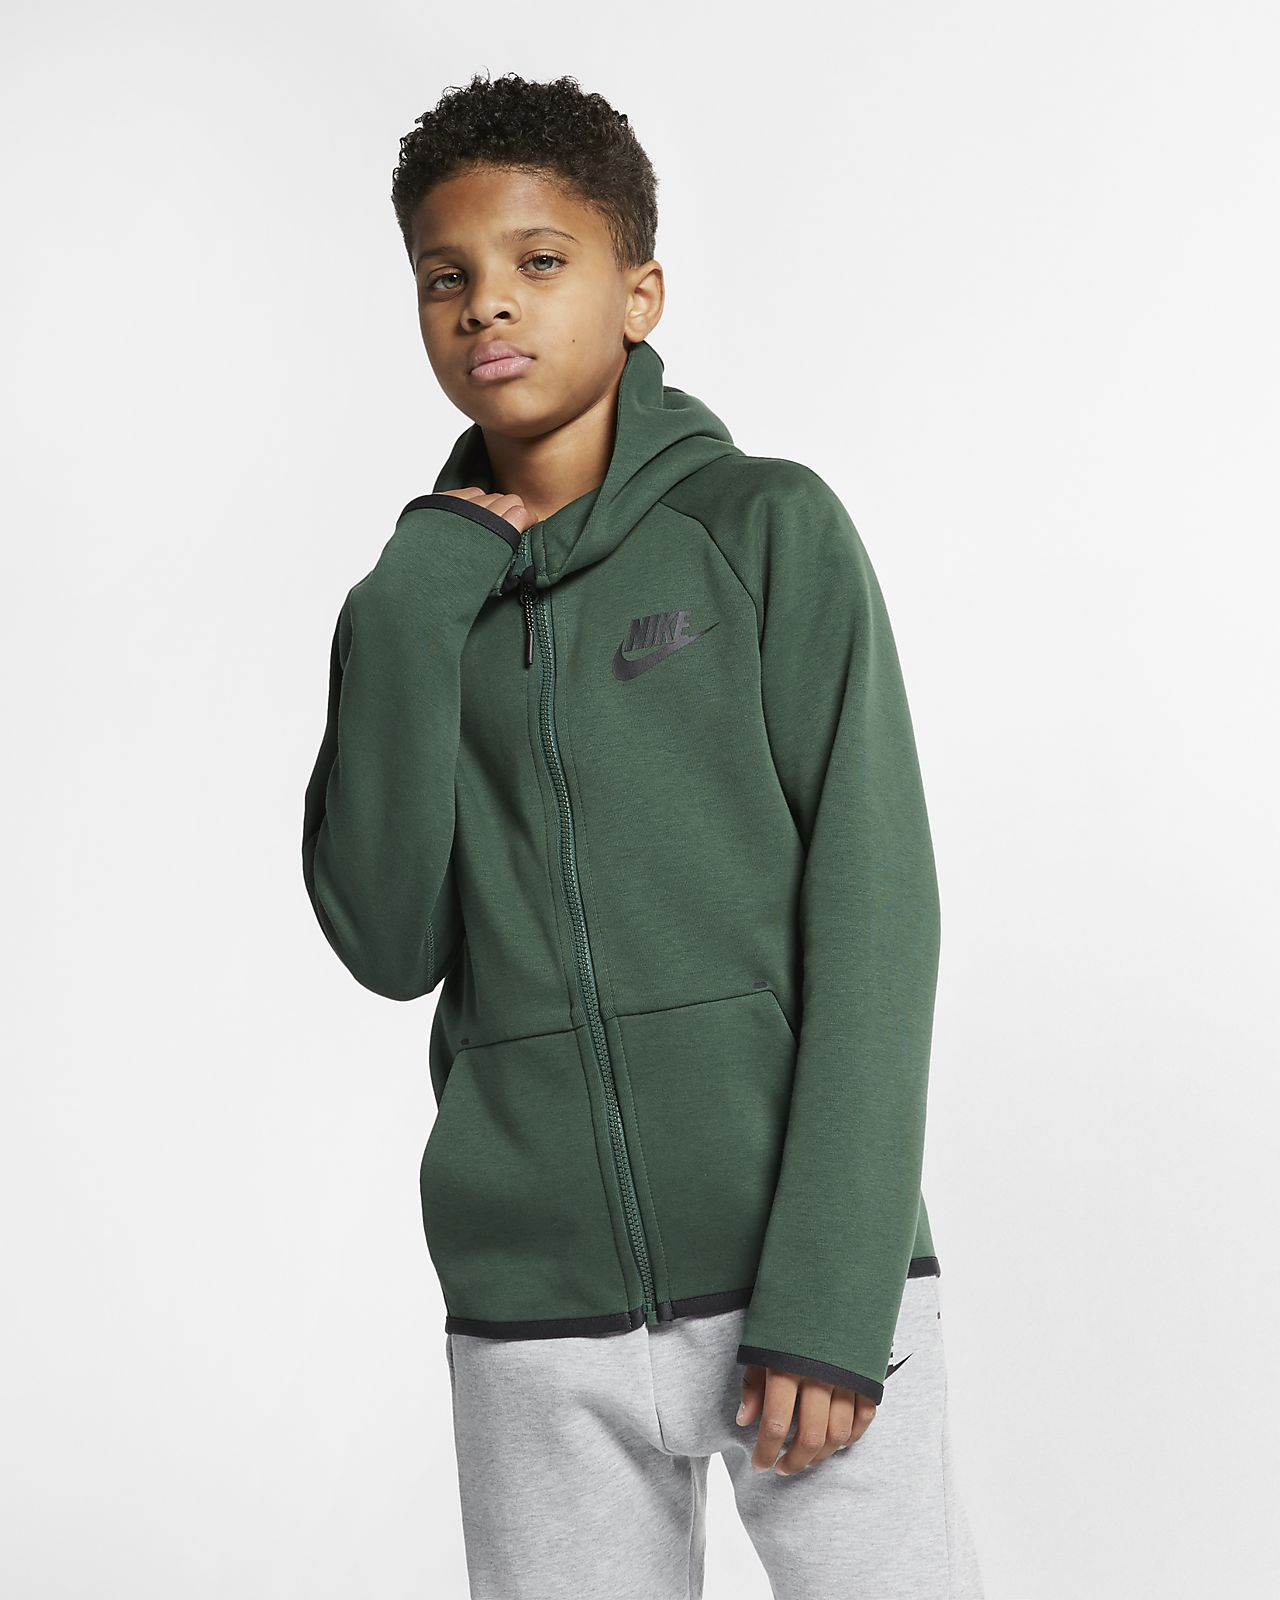 e3884b18a90d Nike Sportswear Tech Fleece Big Kids  Full-Zip Jacket. Nike.com